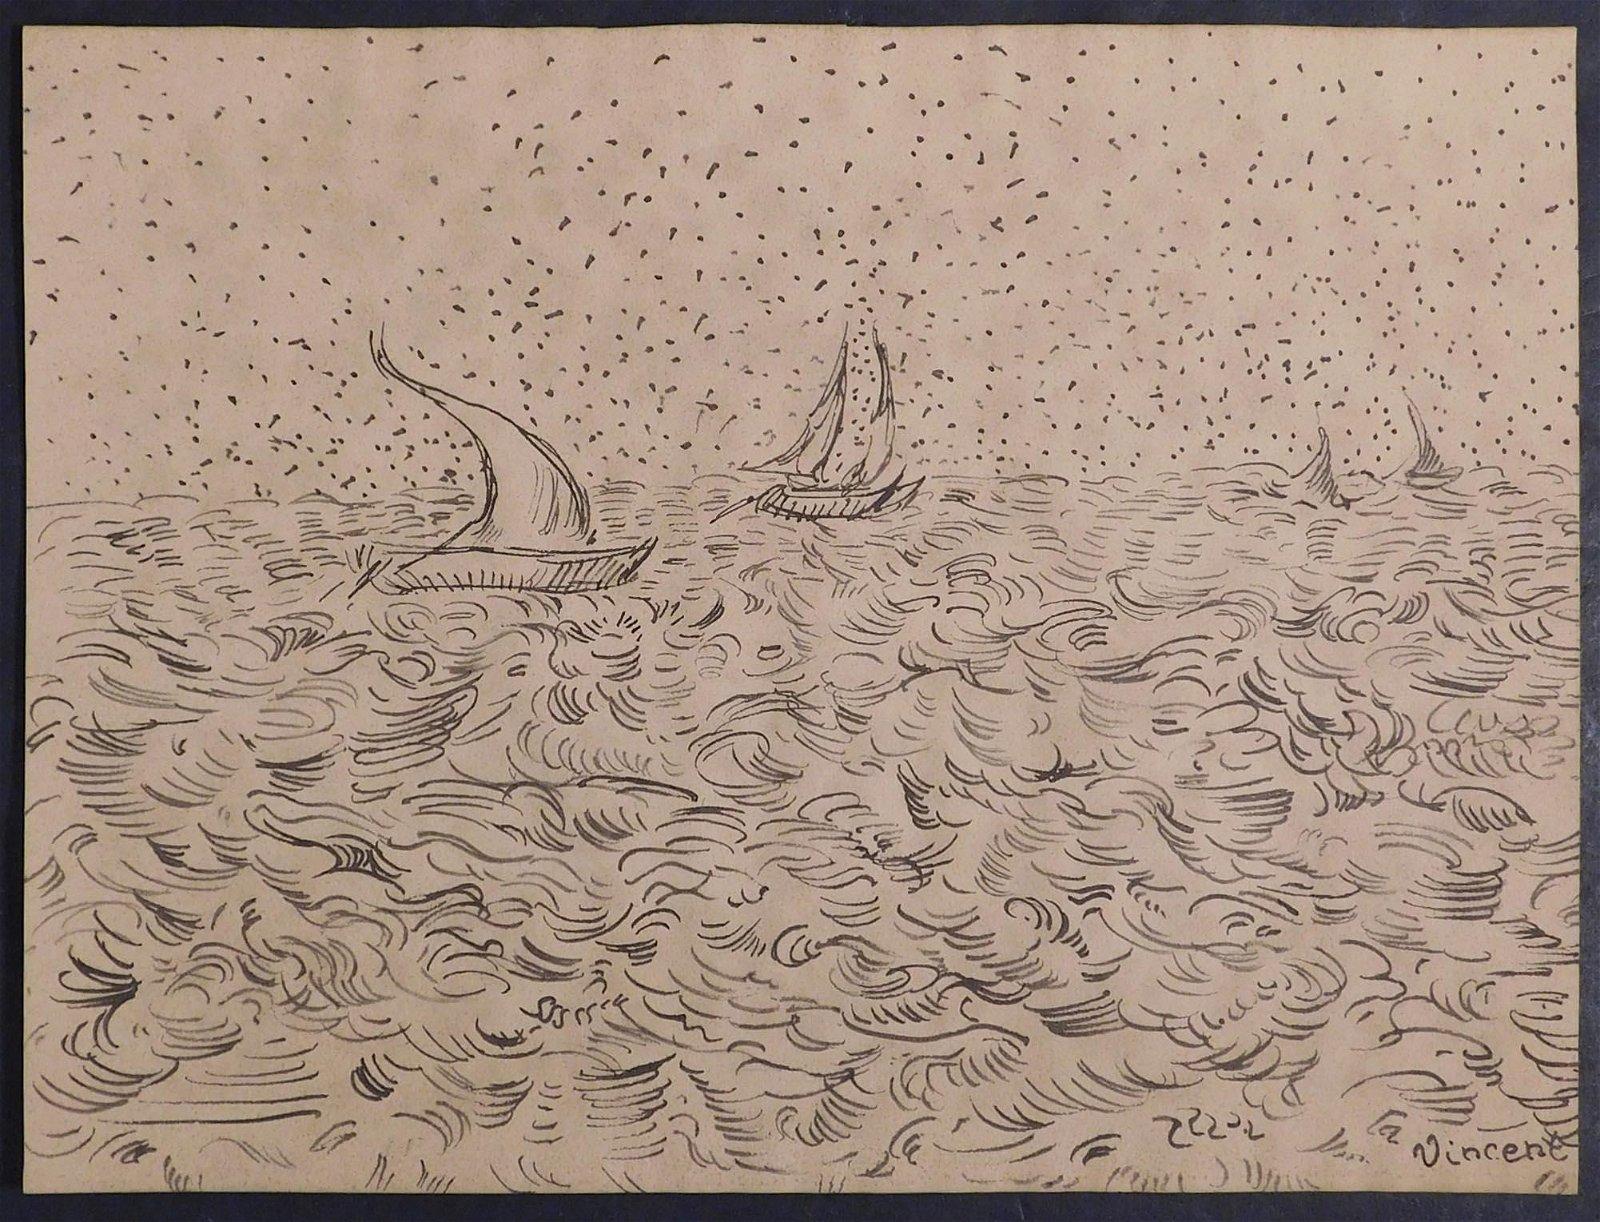 Vincent van Gogh, Manner of: Boats Sketch